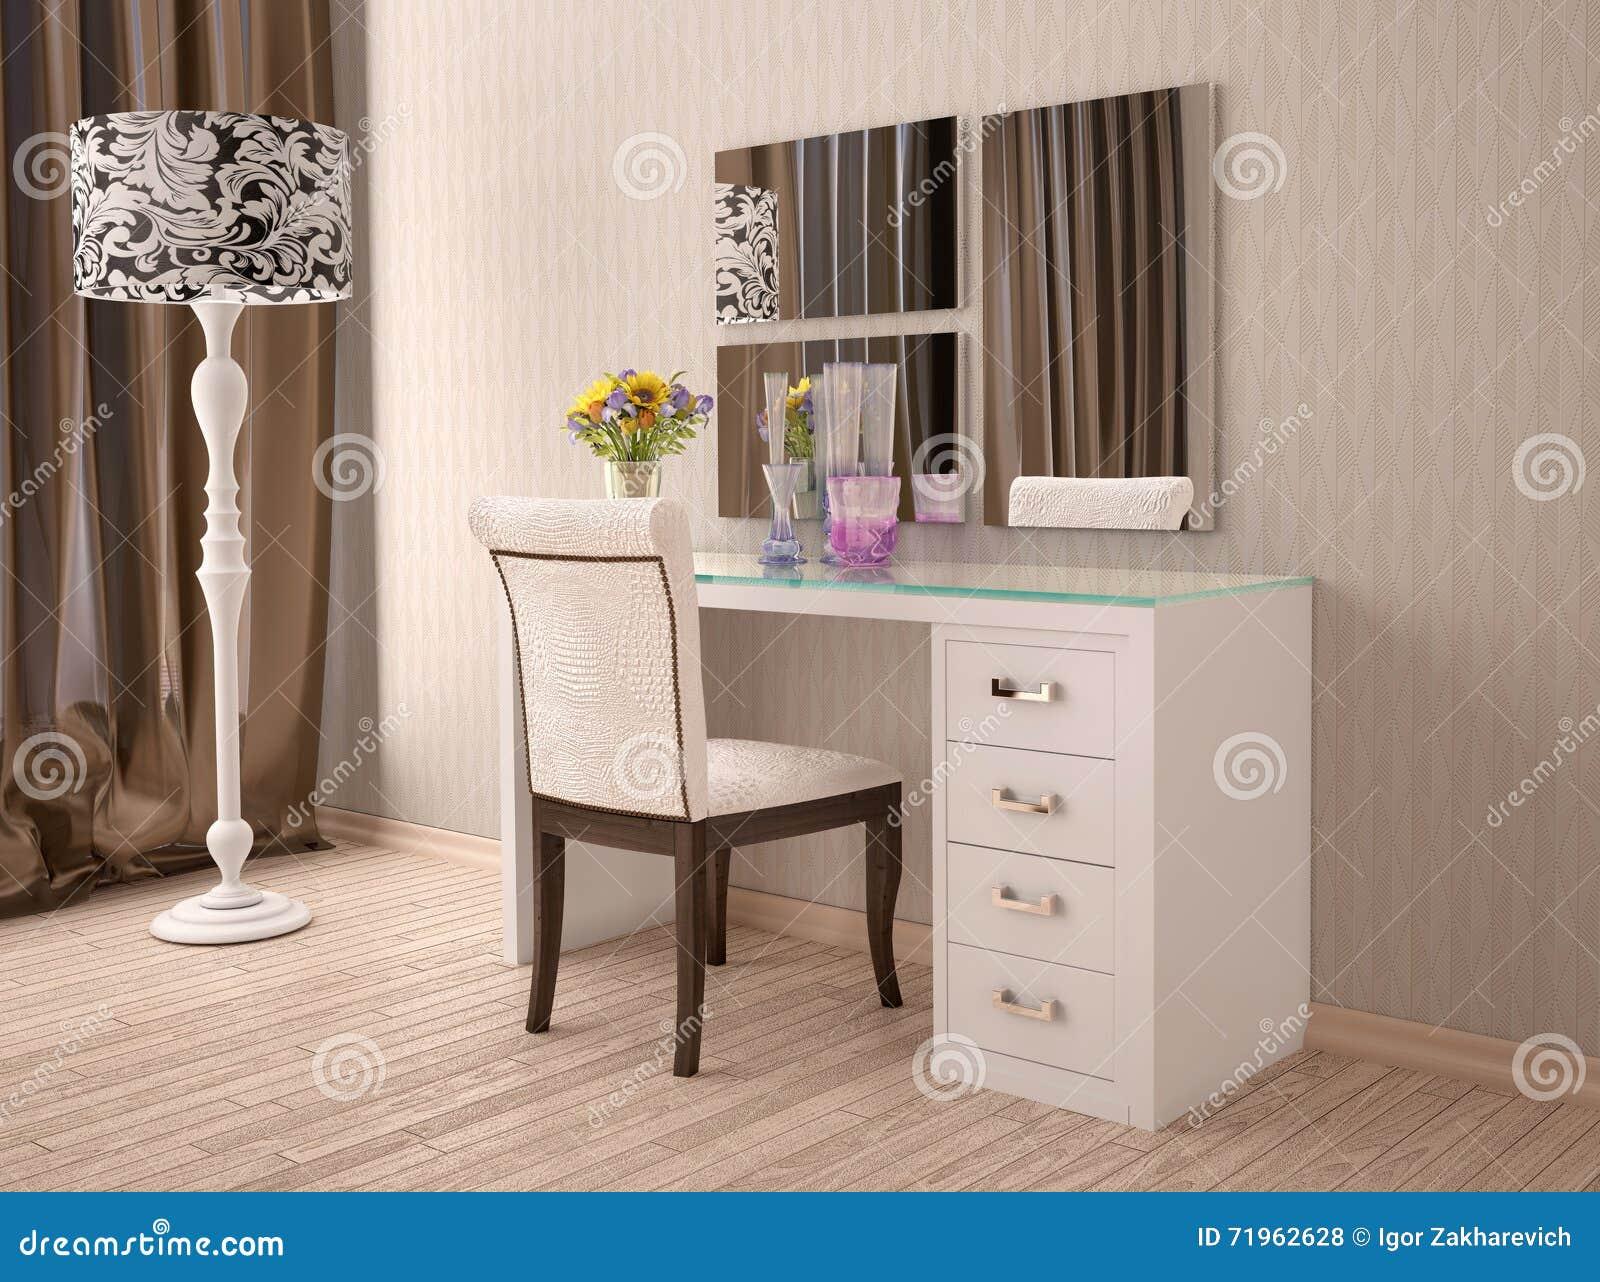 Mueble tocador moderno dise os arquitect nicos - Tocadores con espejo ...